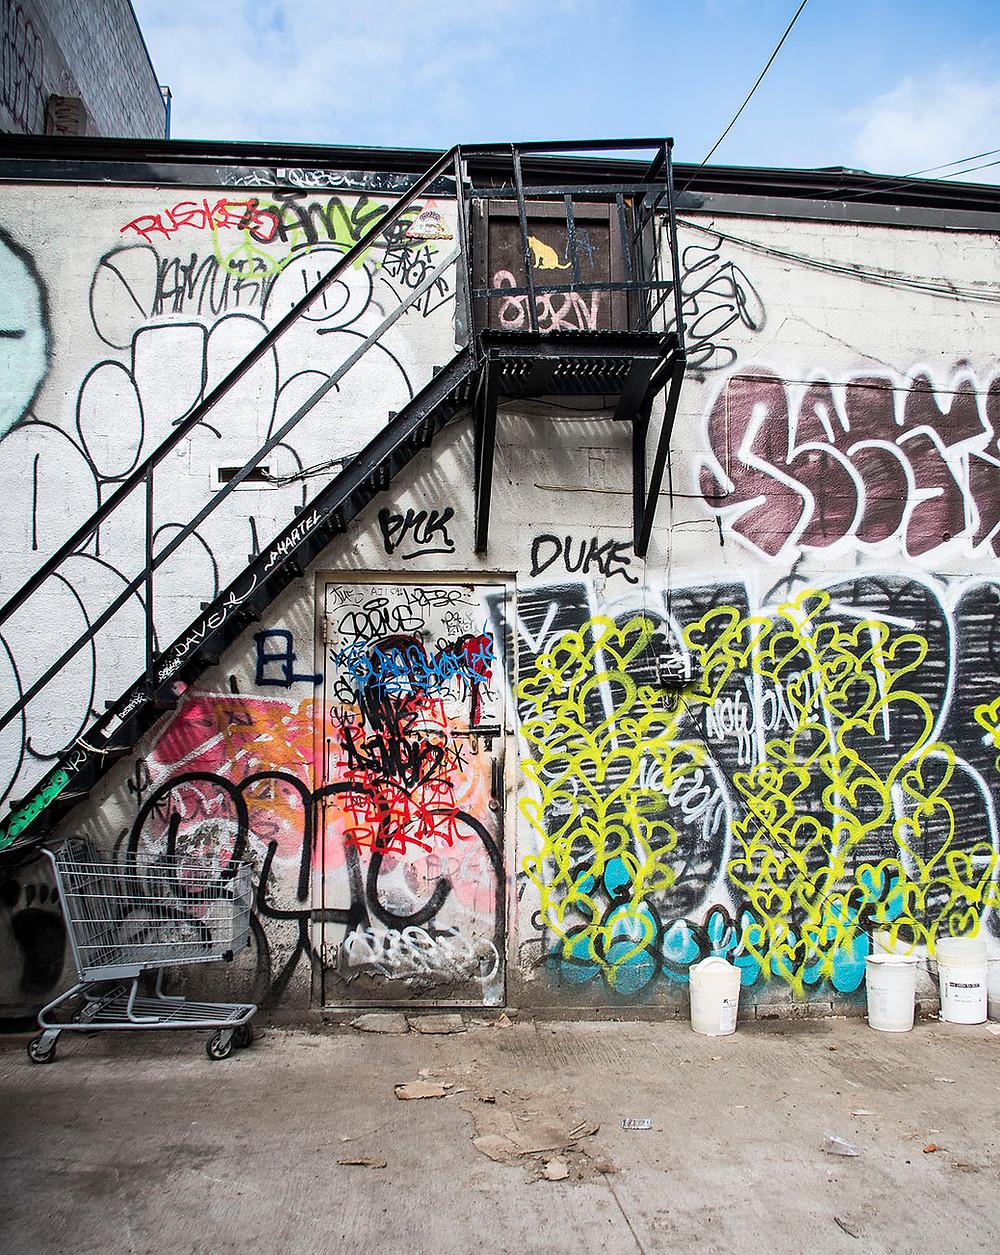 Graffiti Alley Toronto 2018